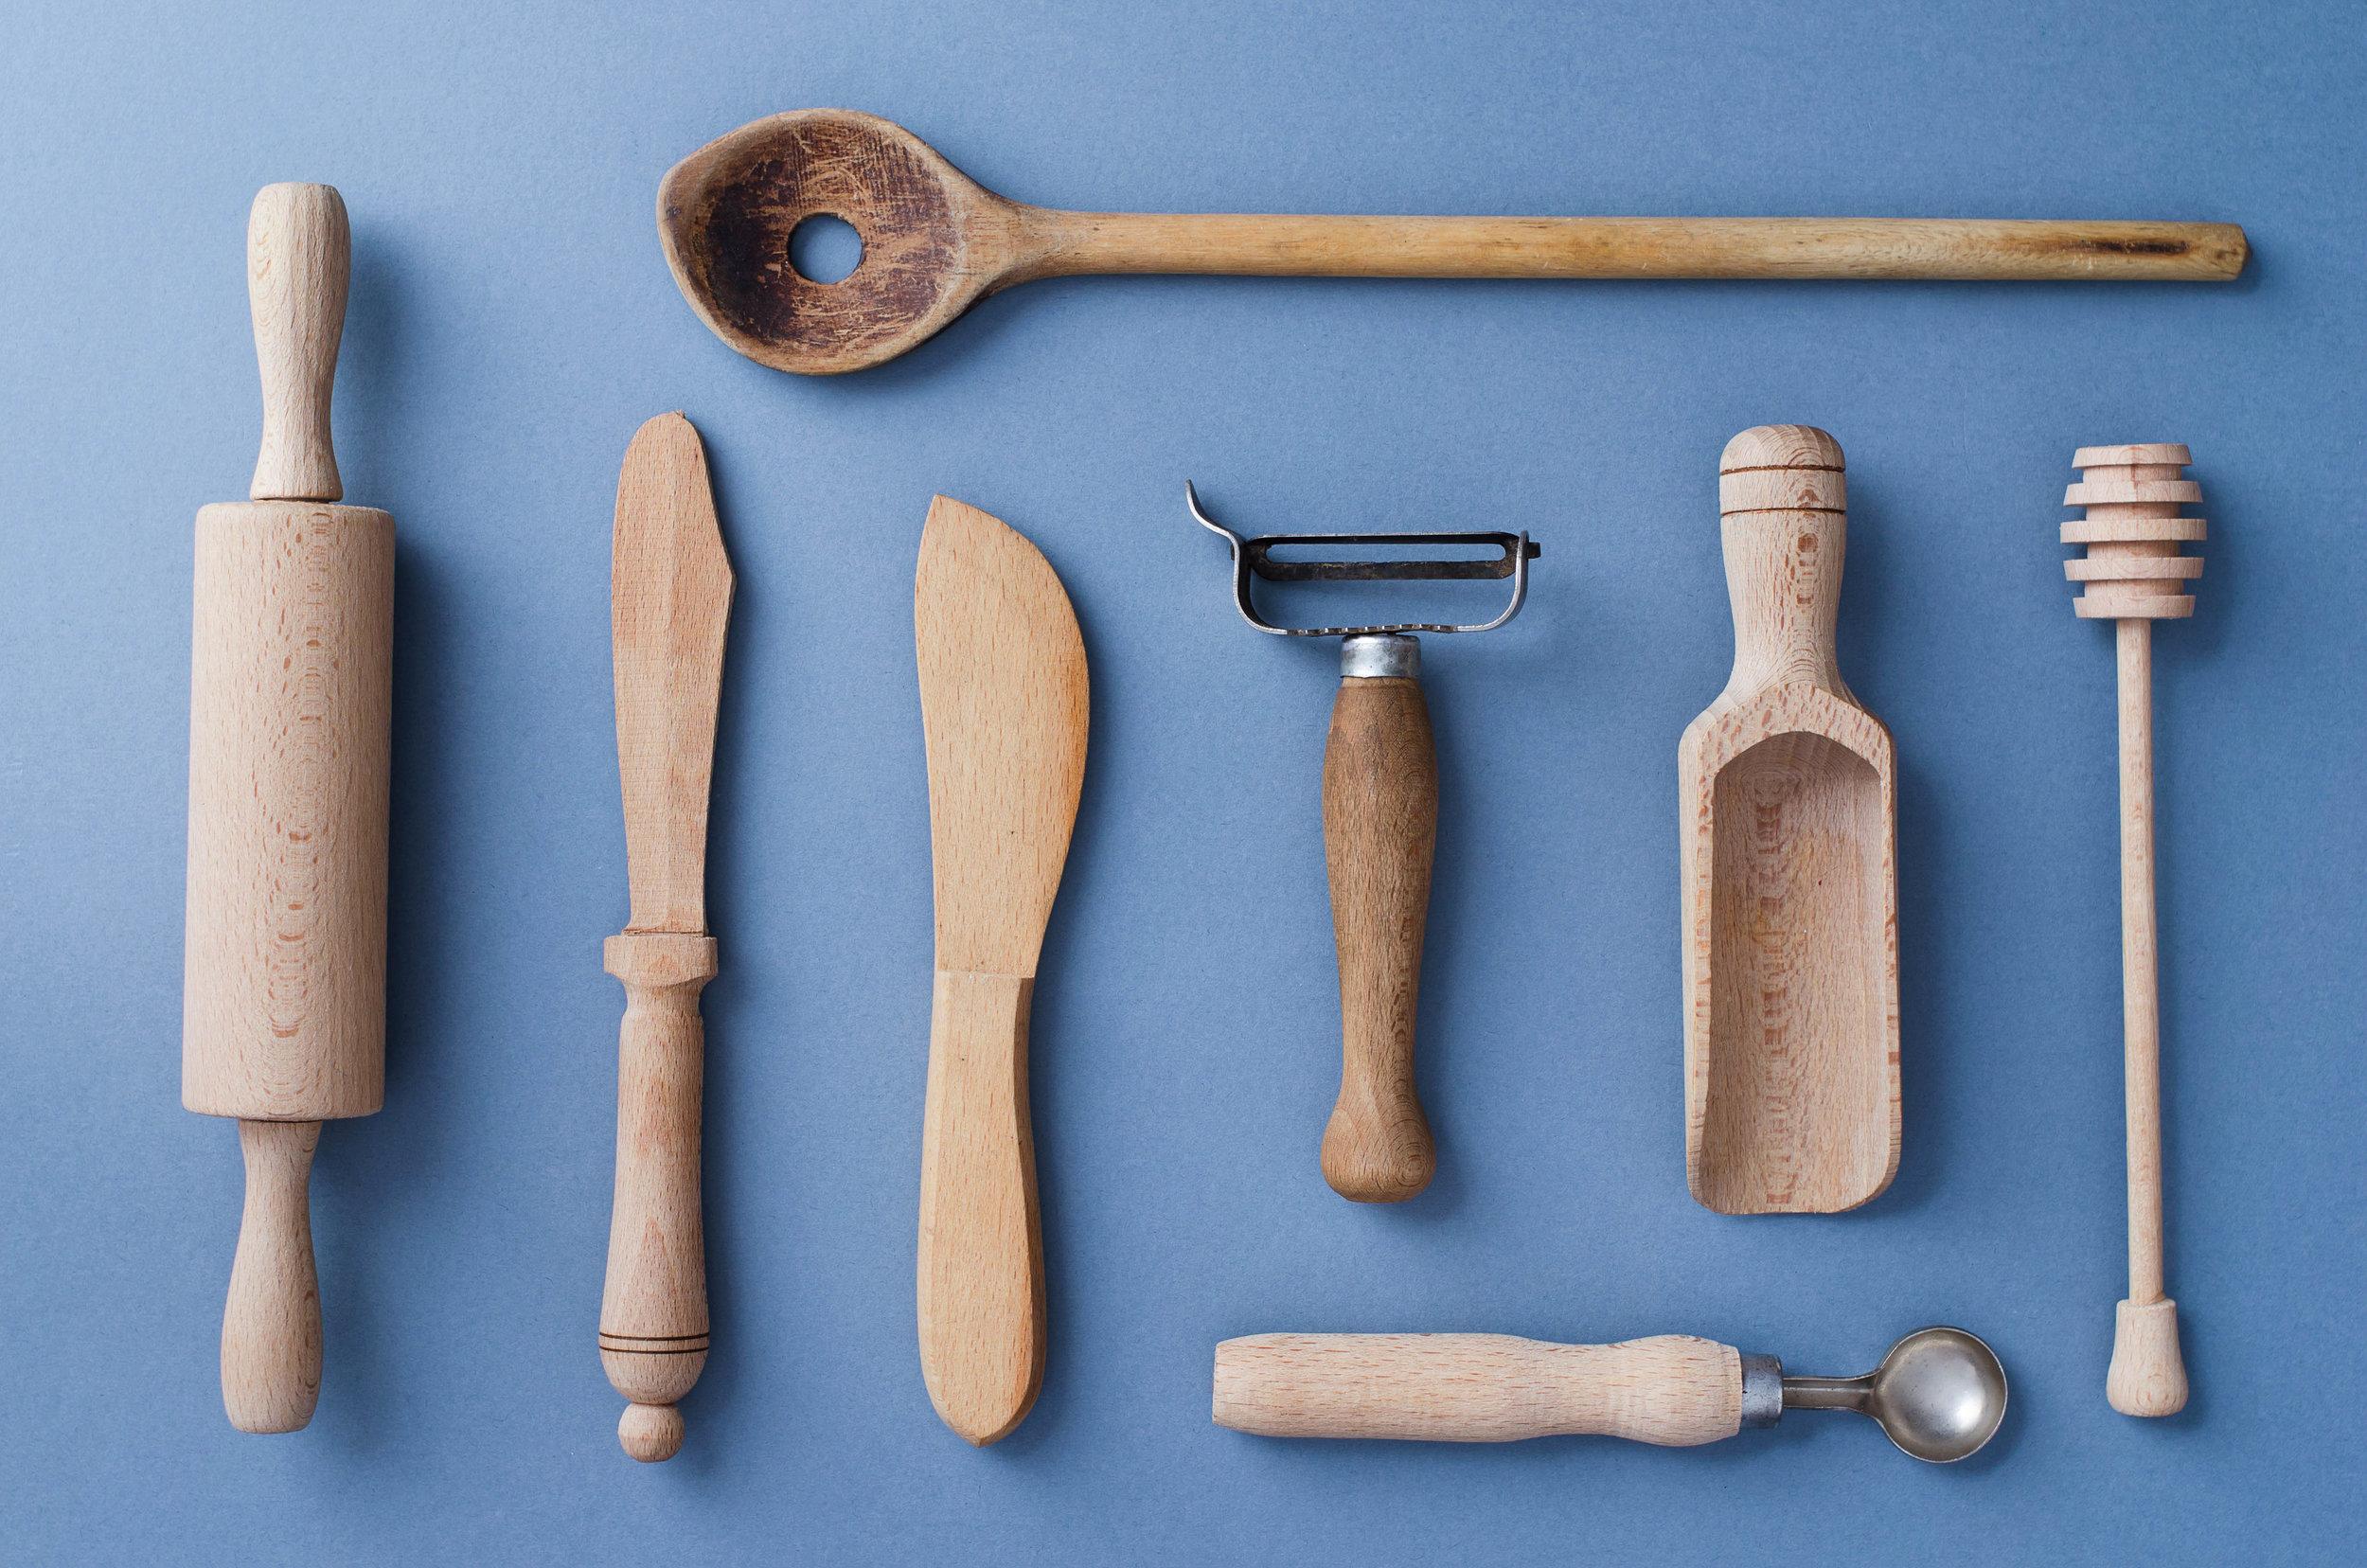 kitchen-utensils-NS7FQVA.jpg